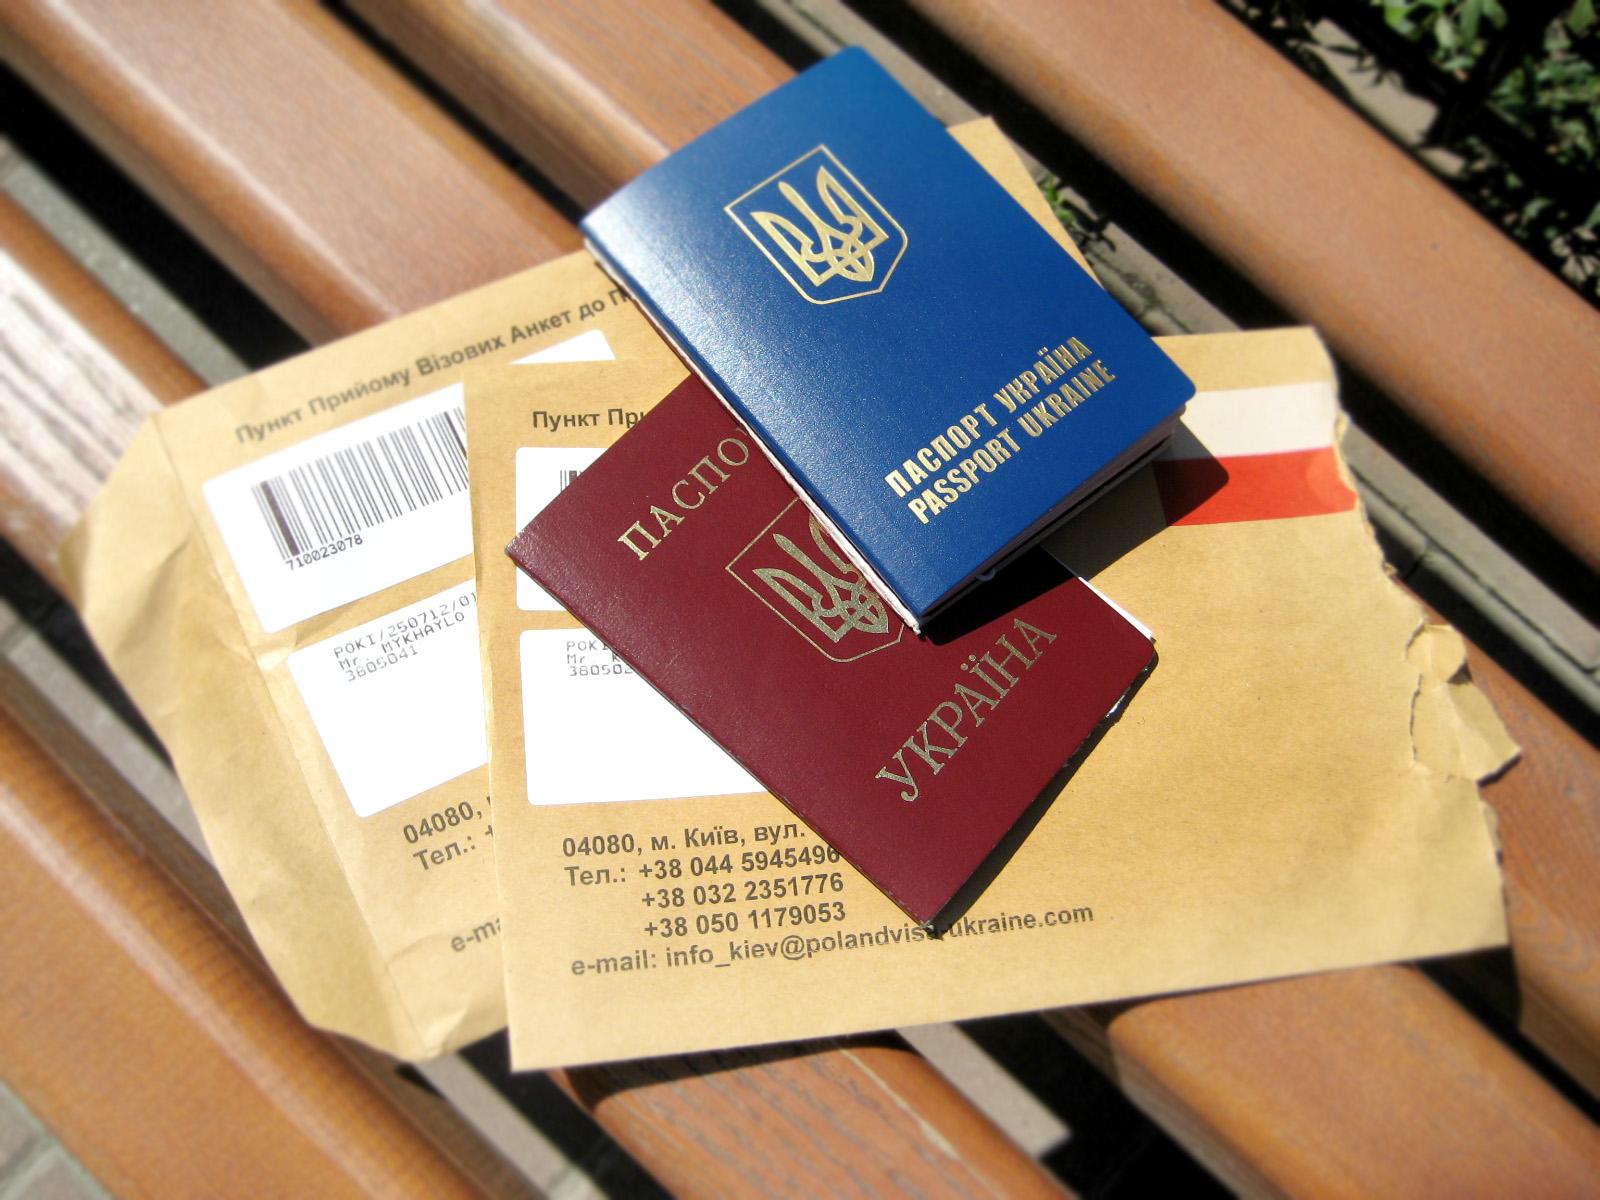 У Києві спростили подачу документів на польську шенген-візу. Нові деталі реєстрації у візовий центр Польщі